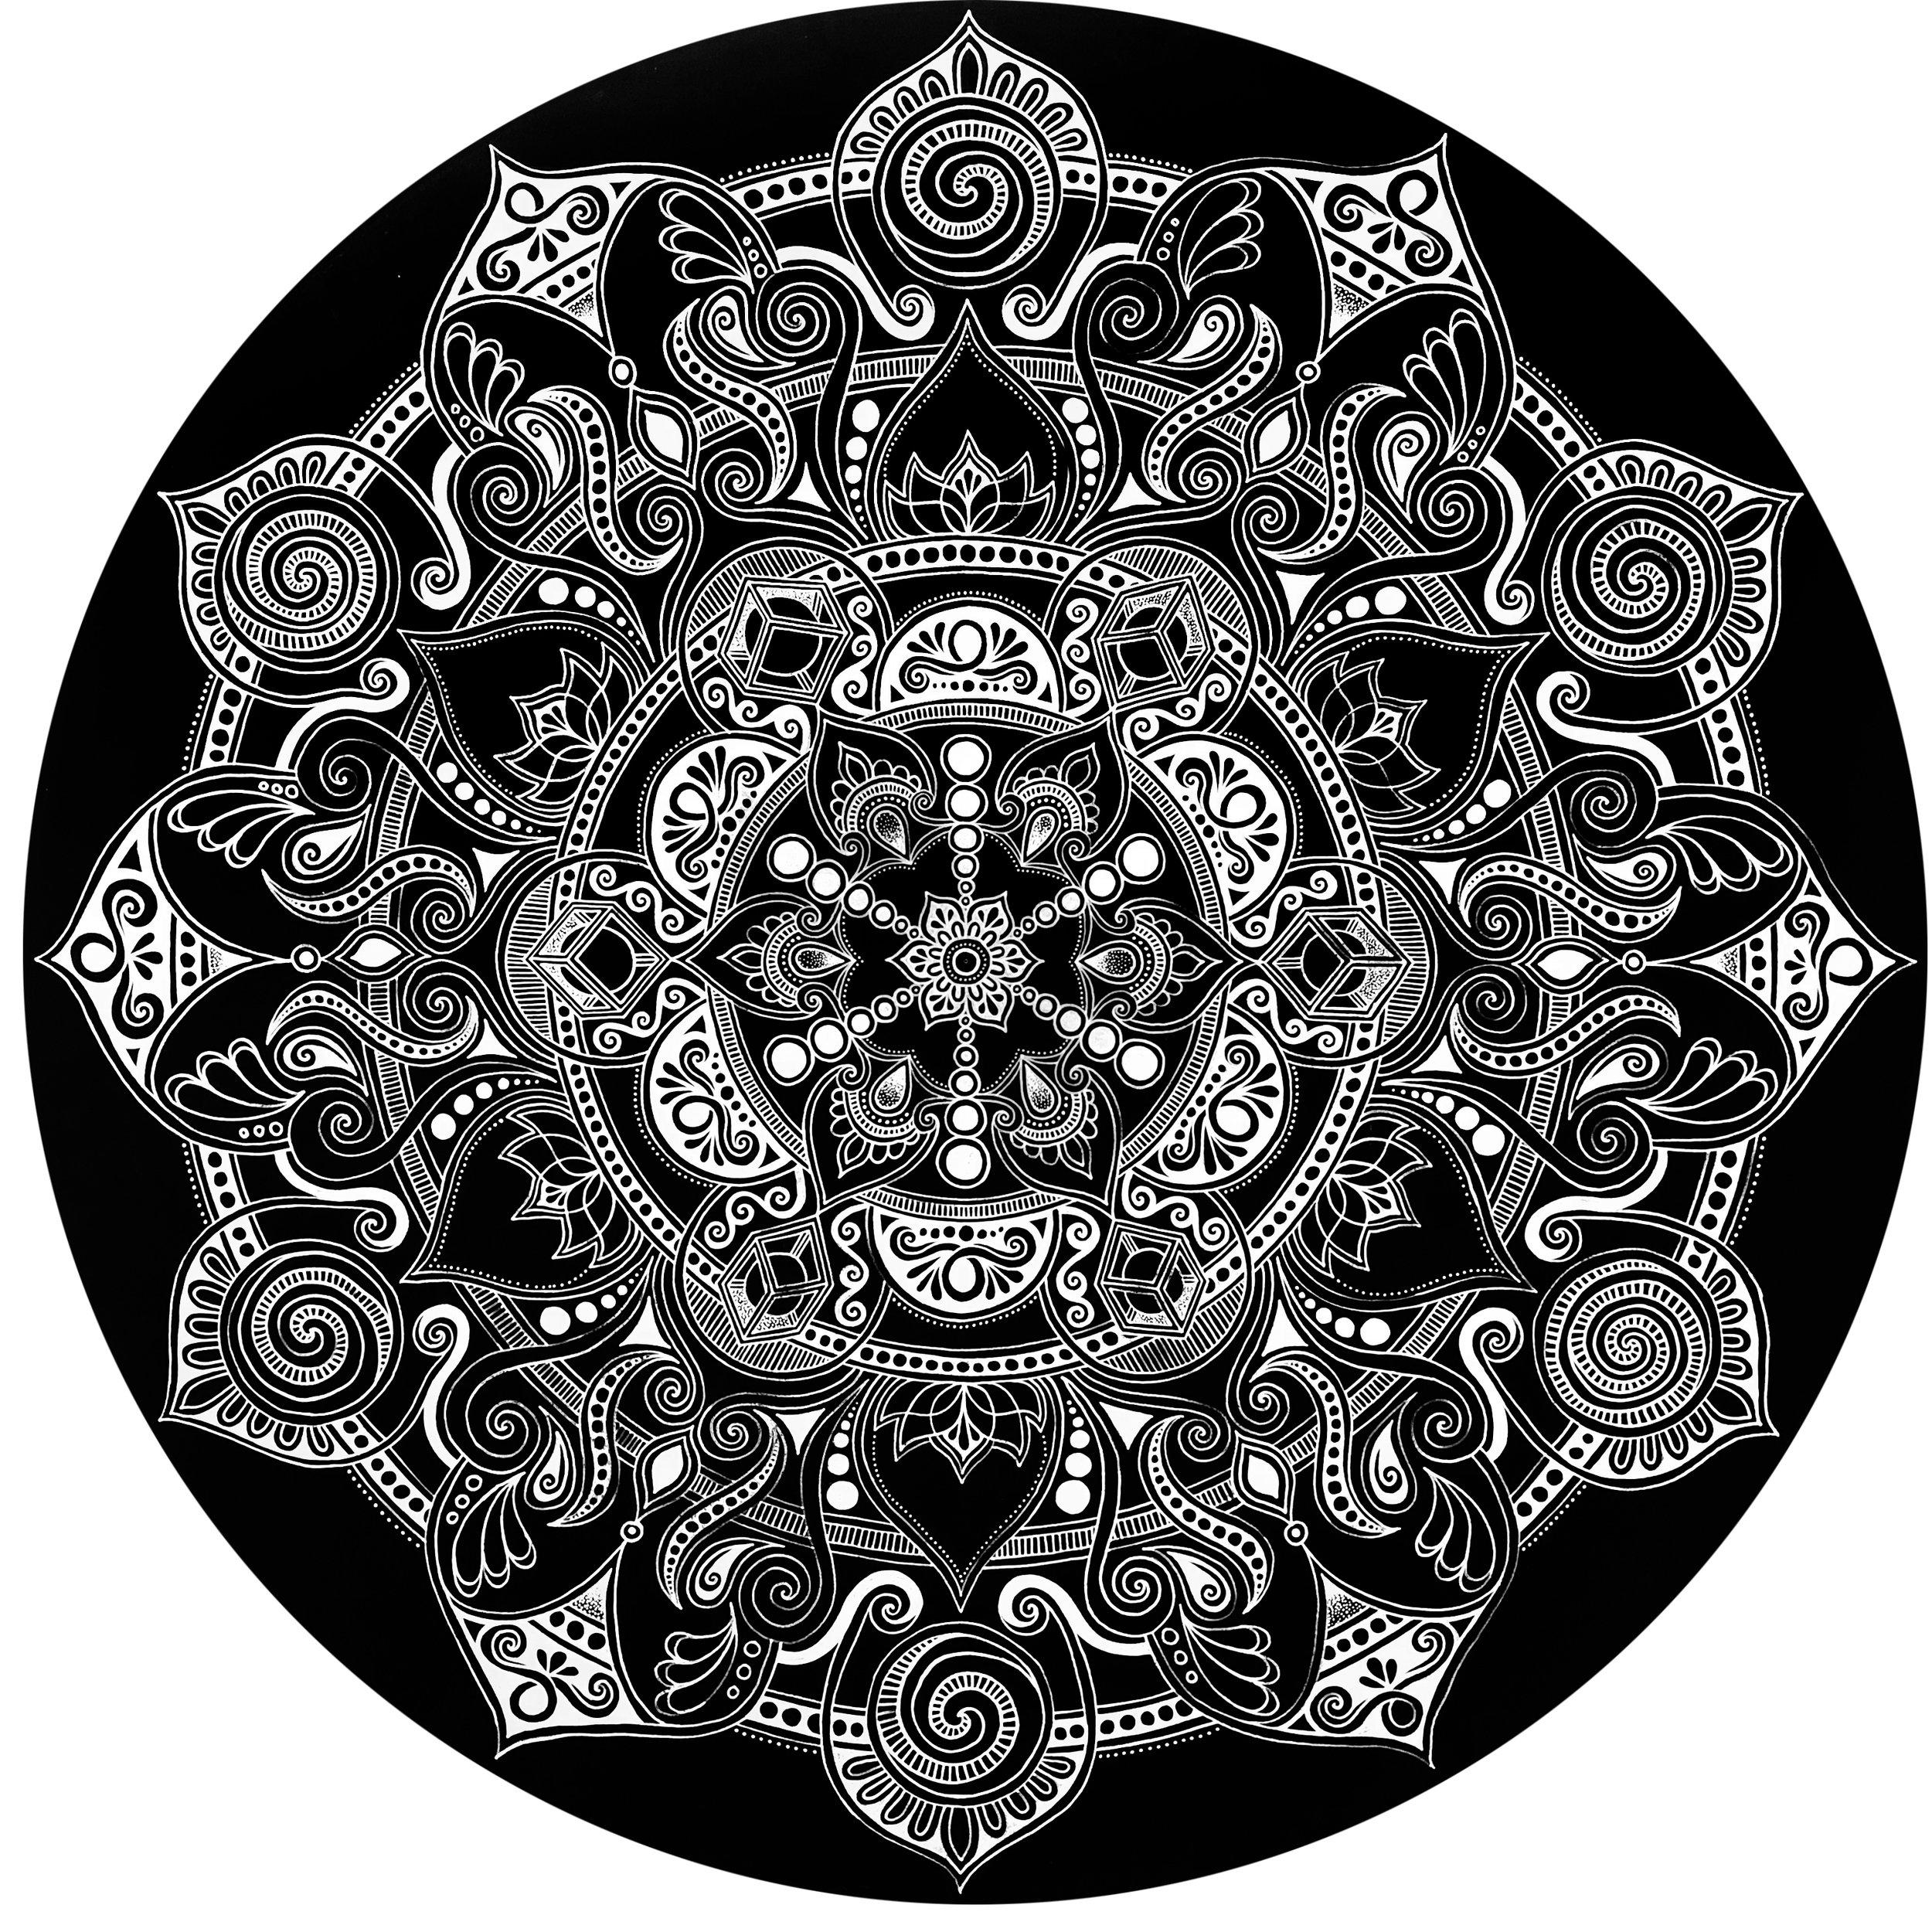 fortyonehundred-mandala-fractal-artwork.jpg